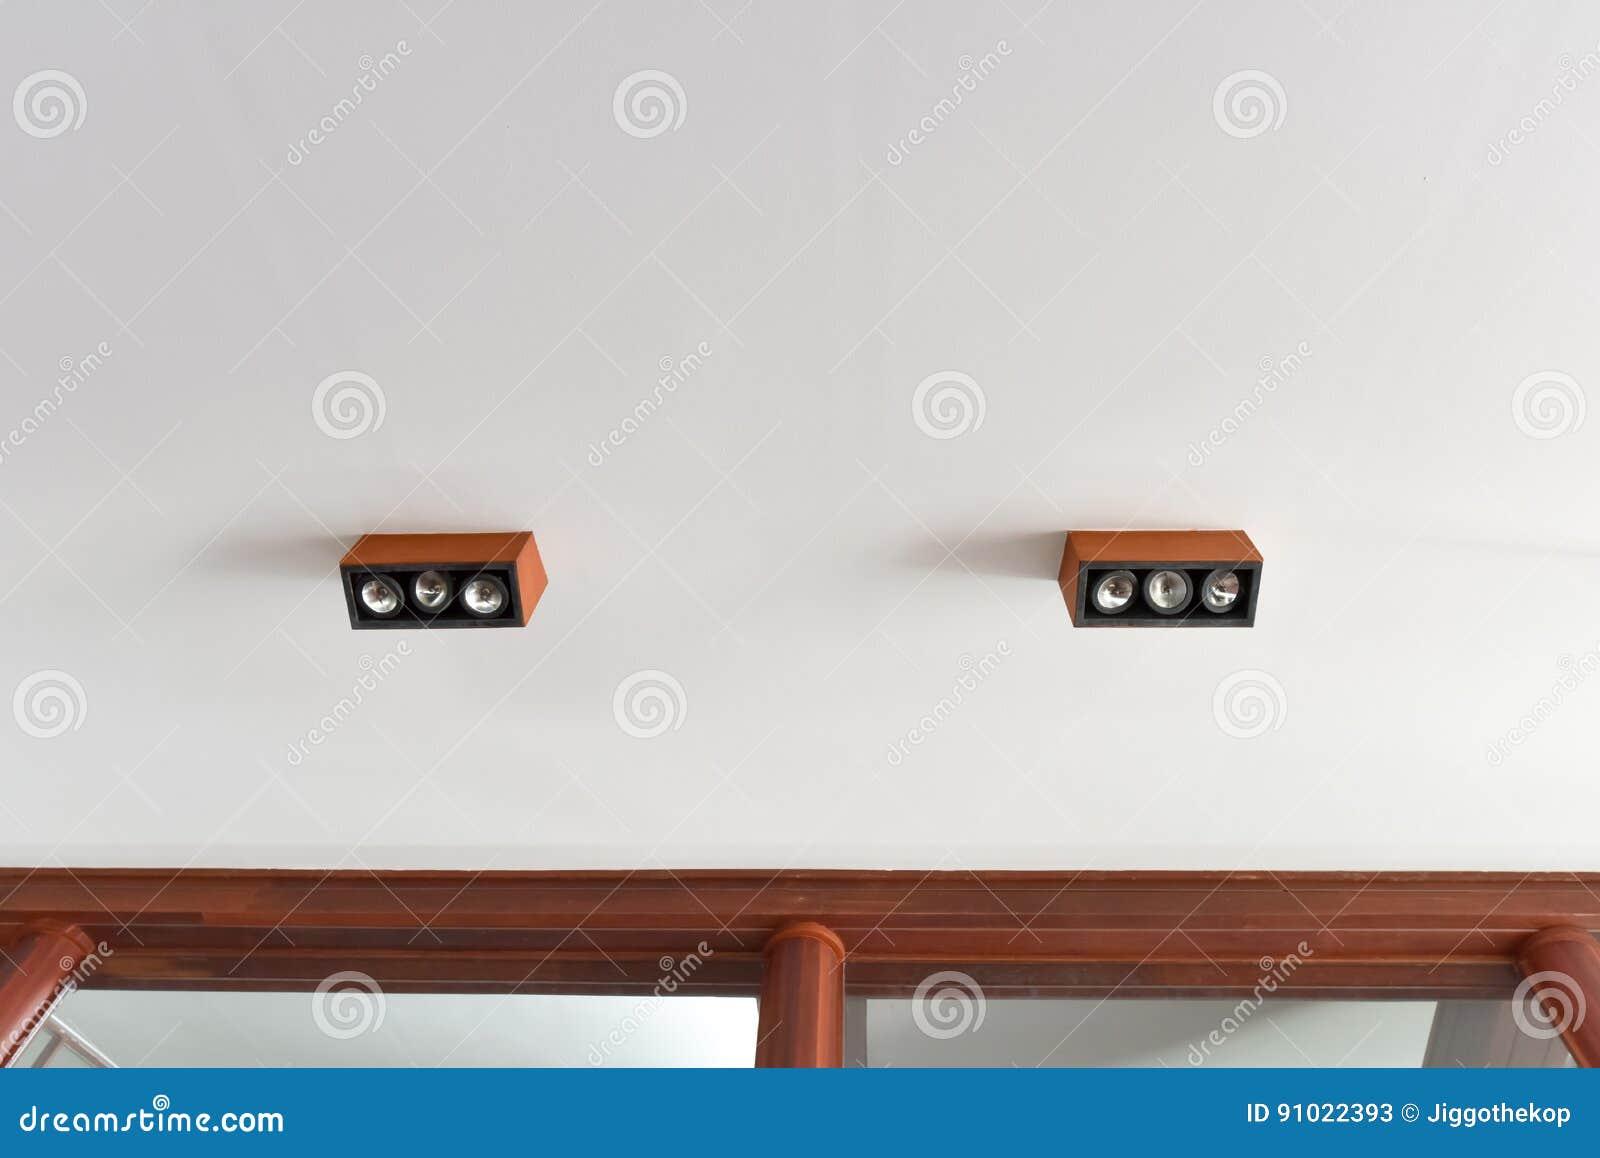 Plafoniere Con Legno : Plafoniera di legno immagine stock soffitto